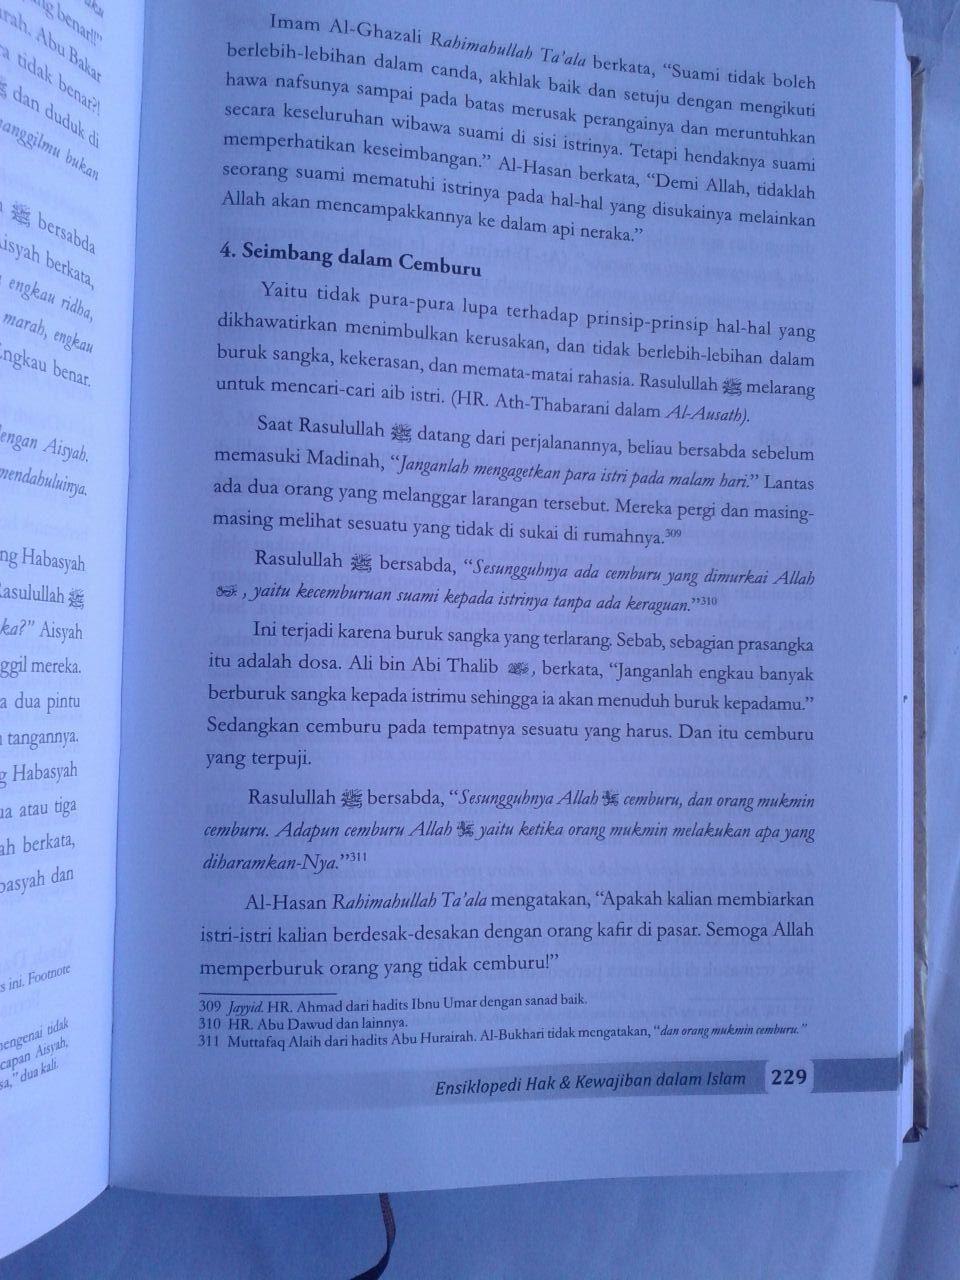 Buku Ensiklopedi Hak Dan Kewajiban Dalam Islam isi 2